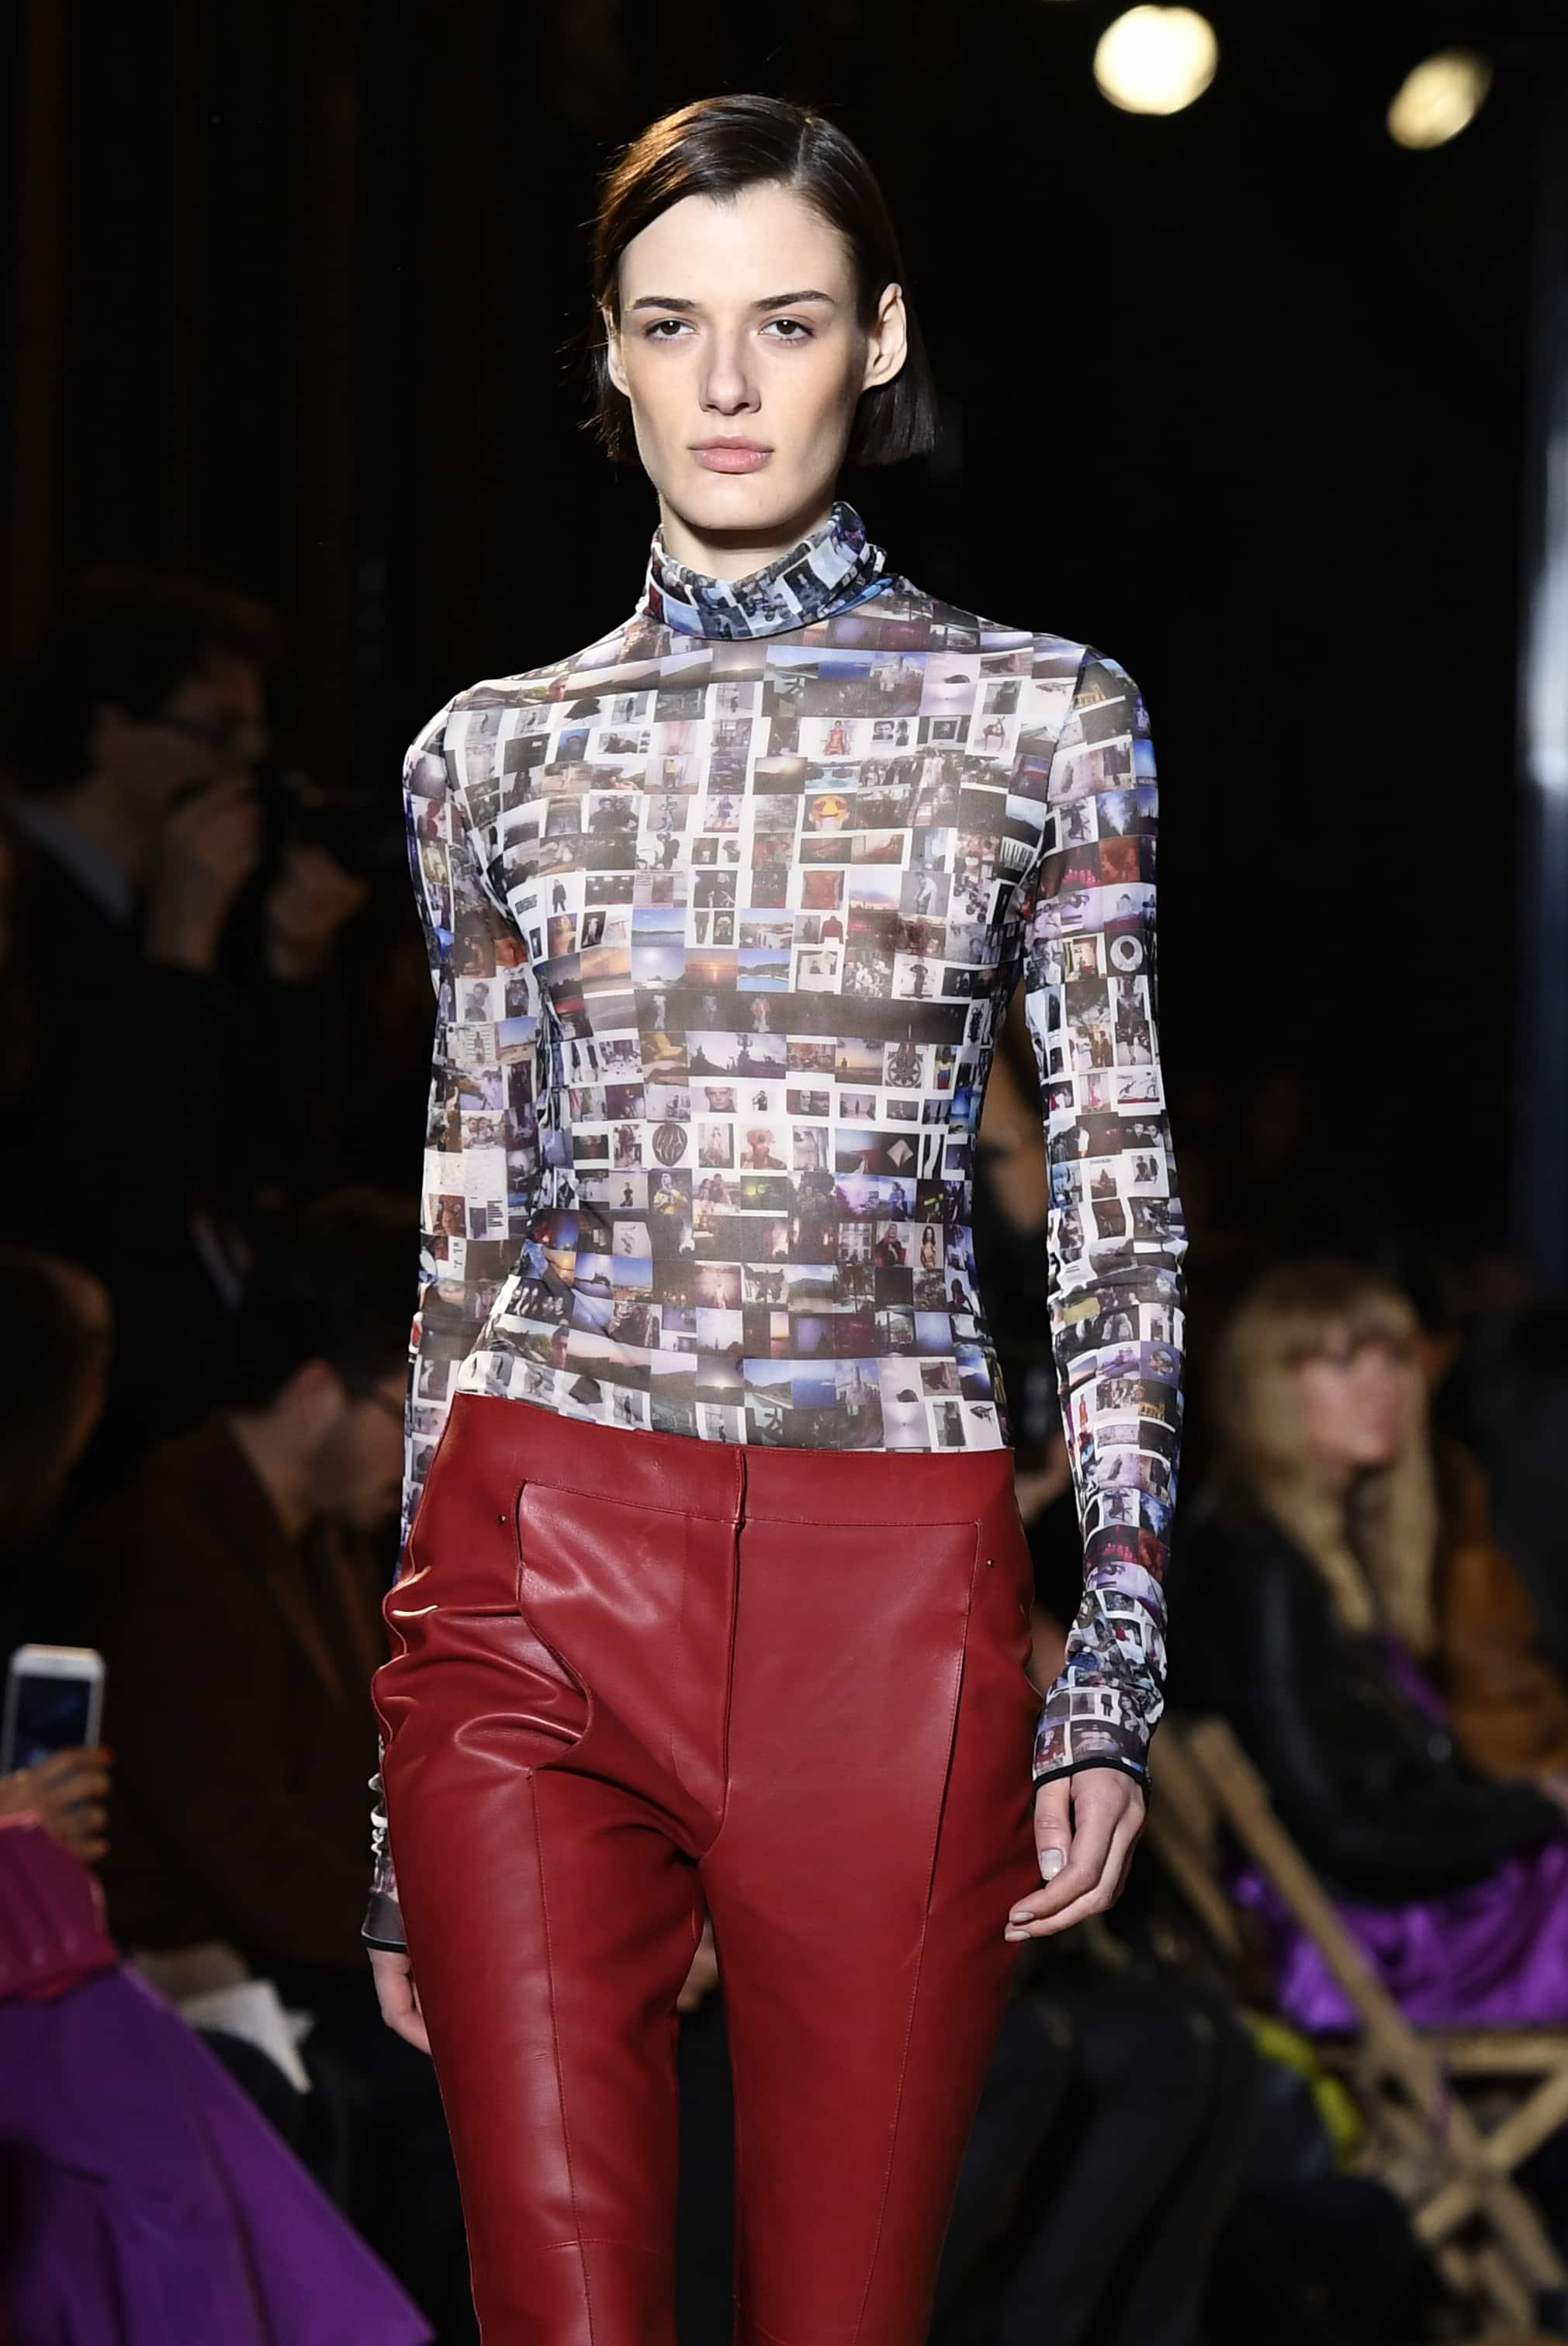 Colección de Esteban Cortázar en la Semana de la Moda de París